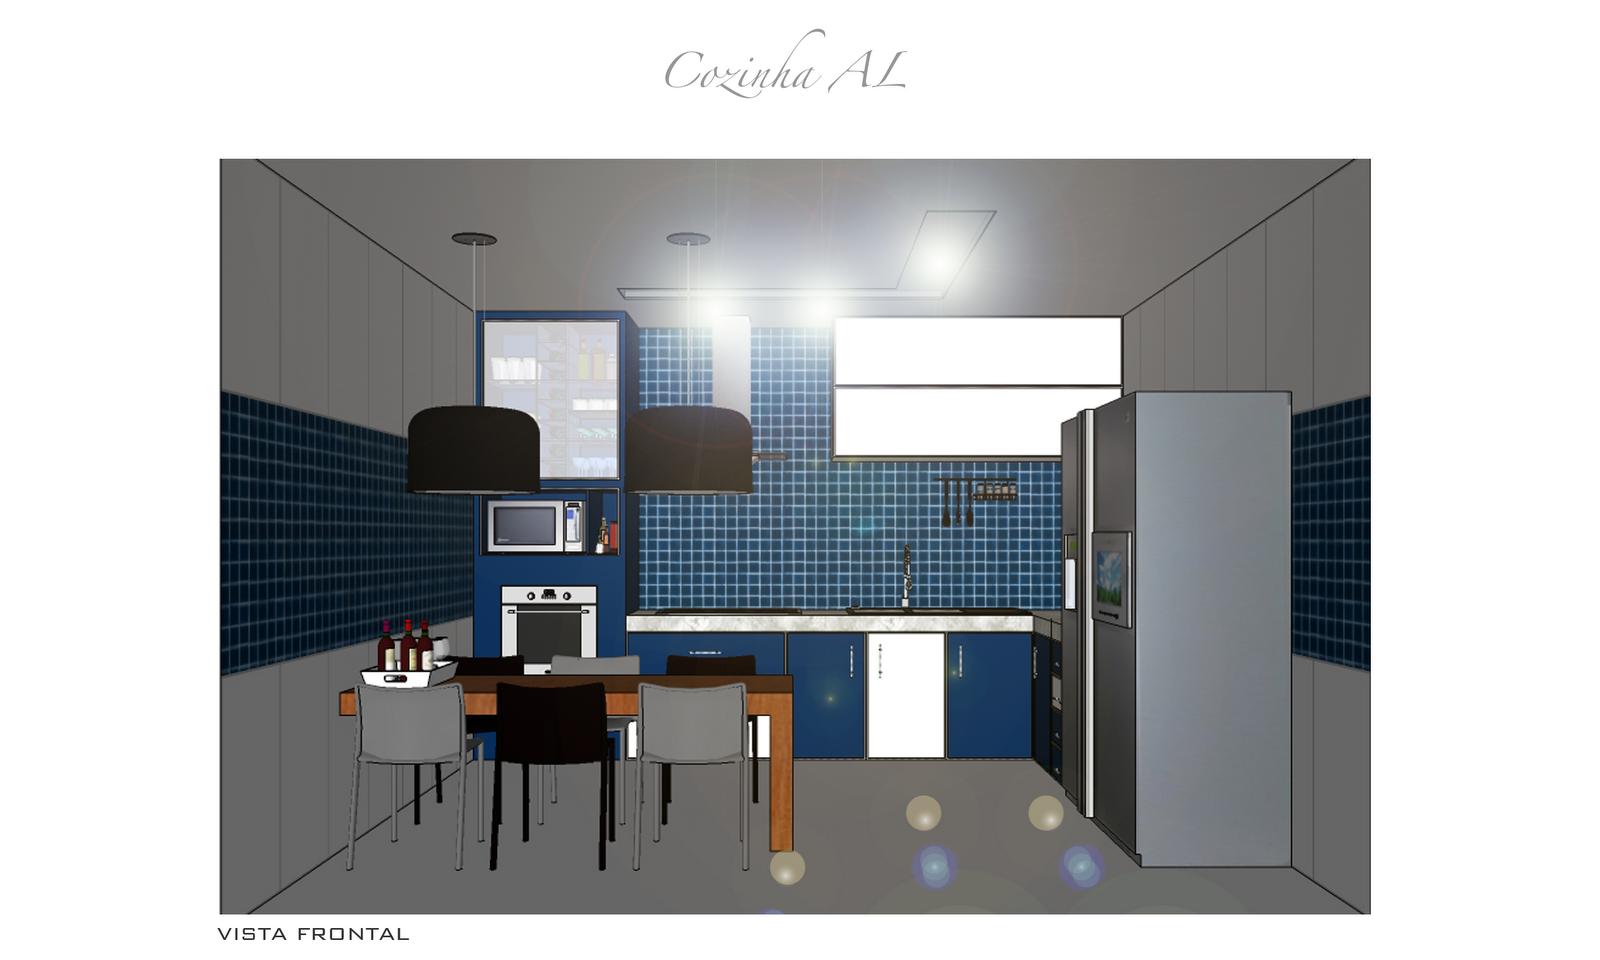 Magalhães Design de Ideias: INTERIOR DESIGN / DESIGN DE INTERIORES #24415E 1600 960